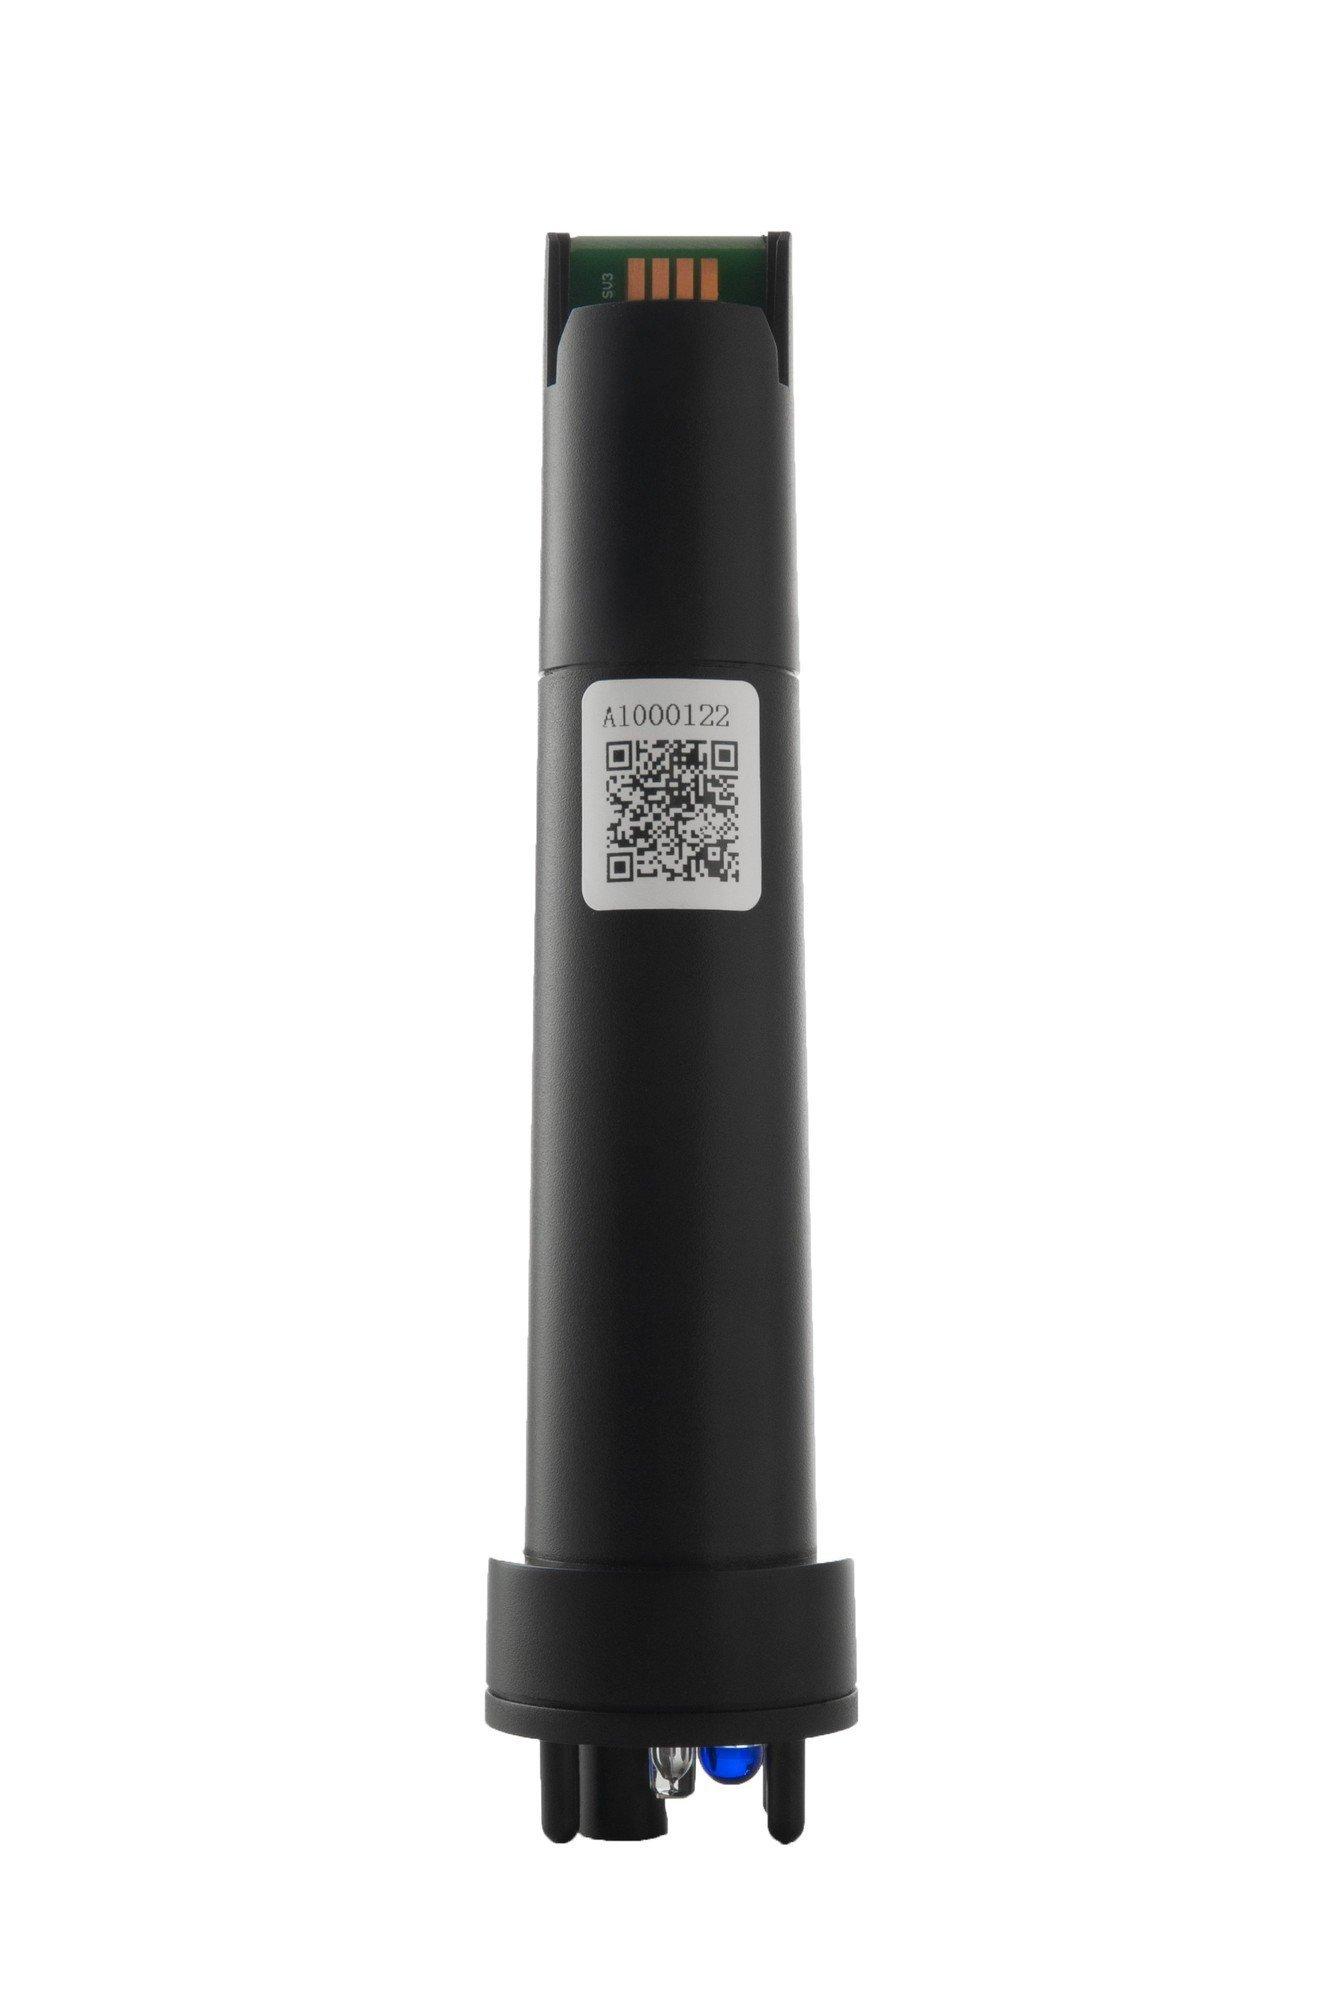 Afbeelding van 3-in-1 PT sensor voor Astral Blue Connect GO